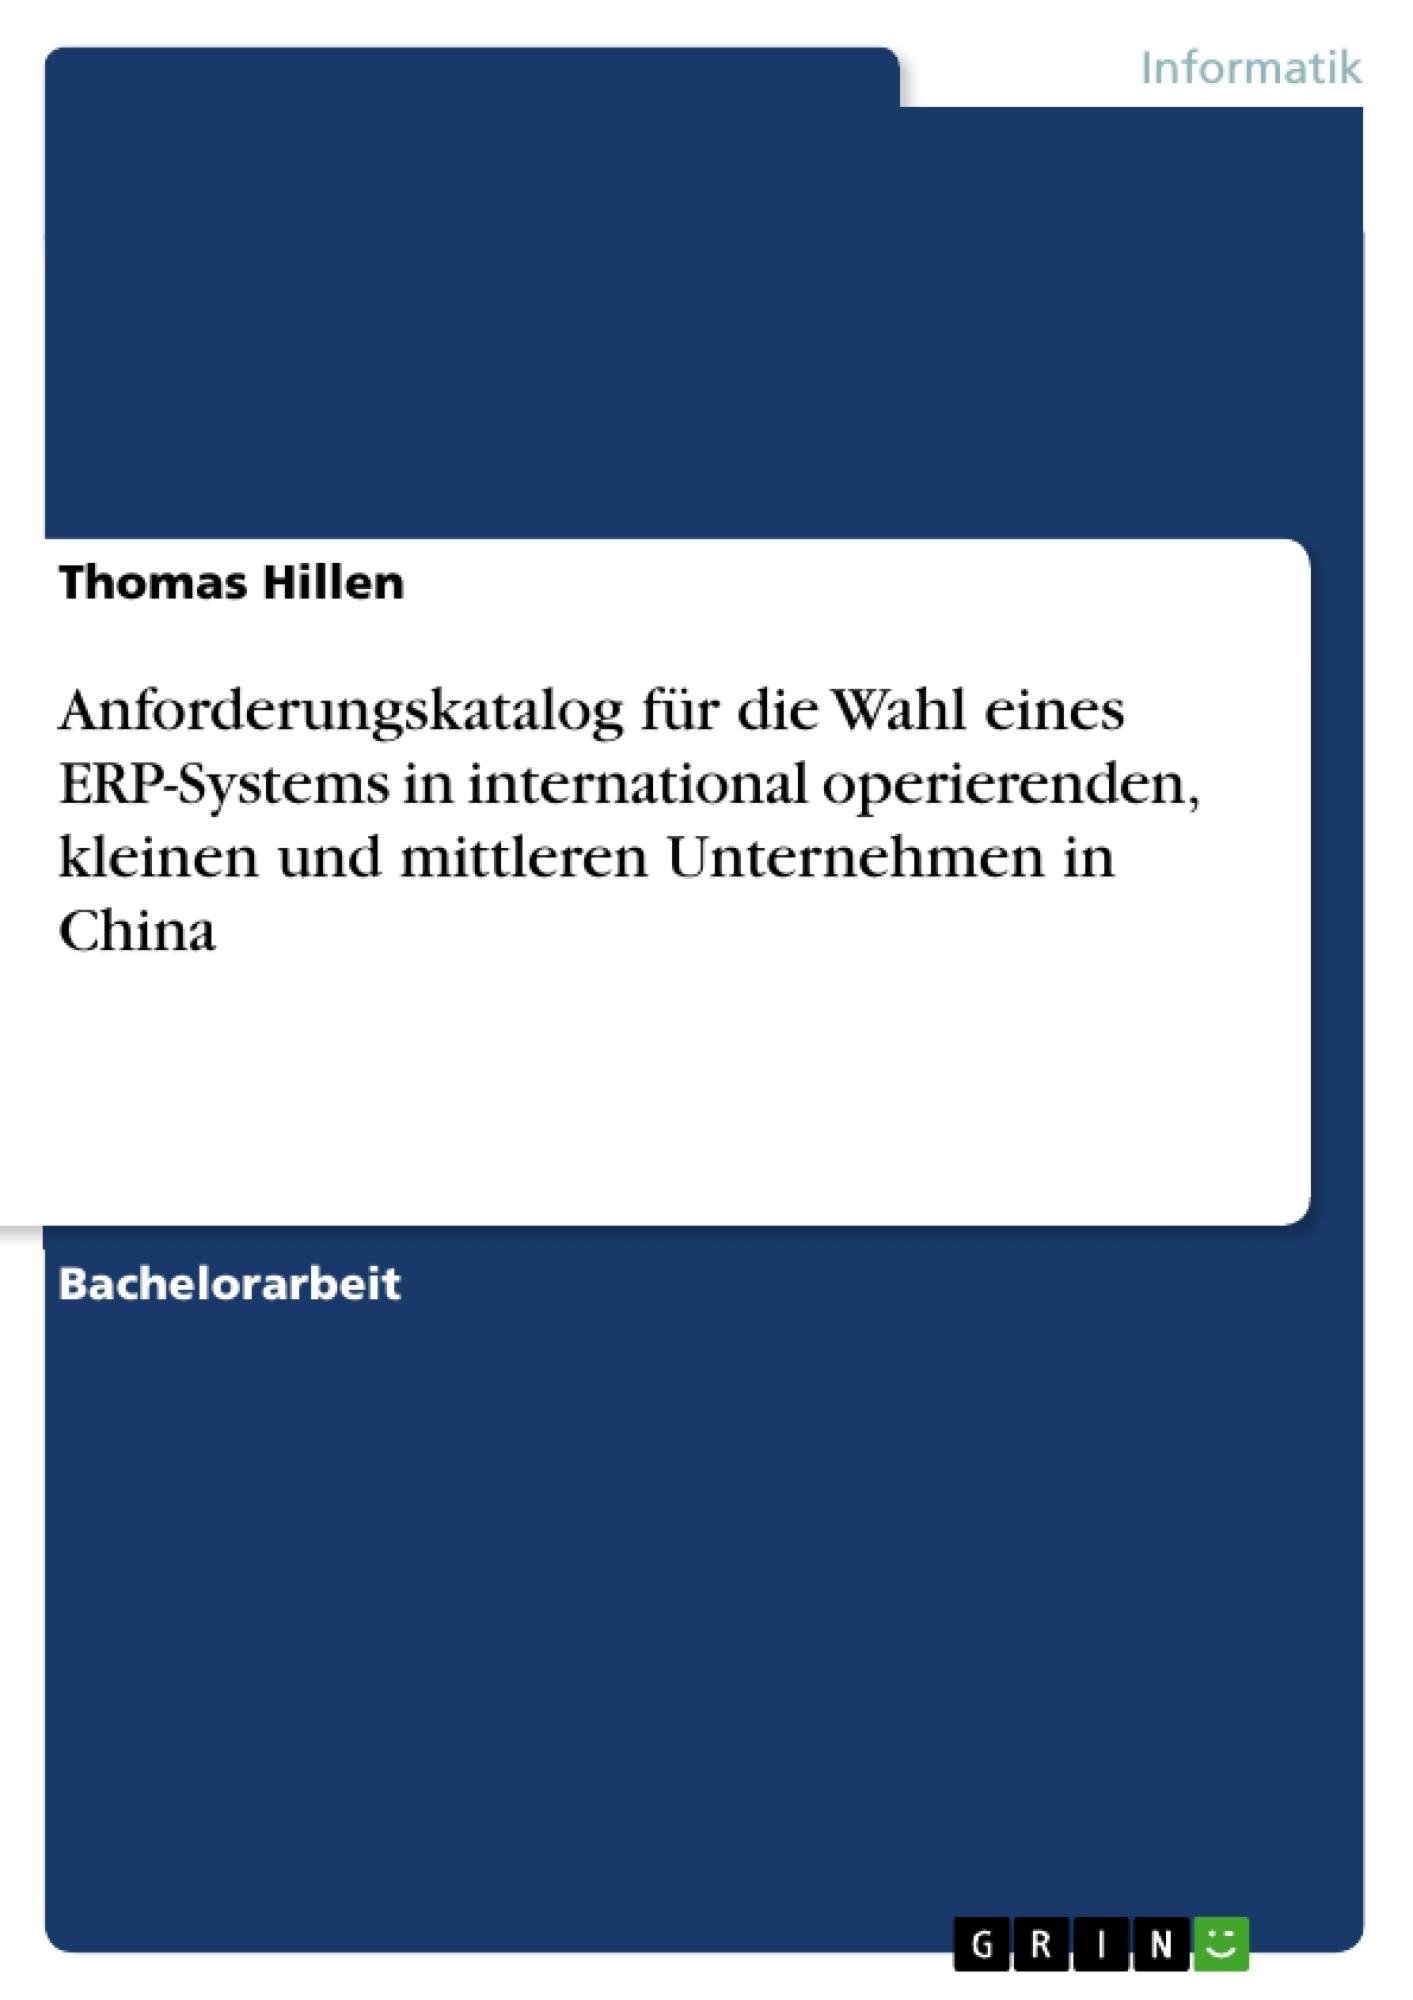 Titel: Anforderungskatalog für die Wahl eines ERP-Systems in international operierenden, kleinen und mittleren Unternehmen in China